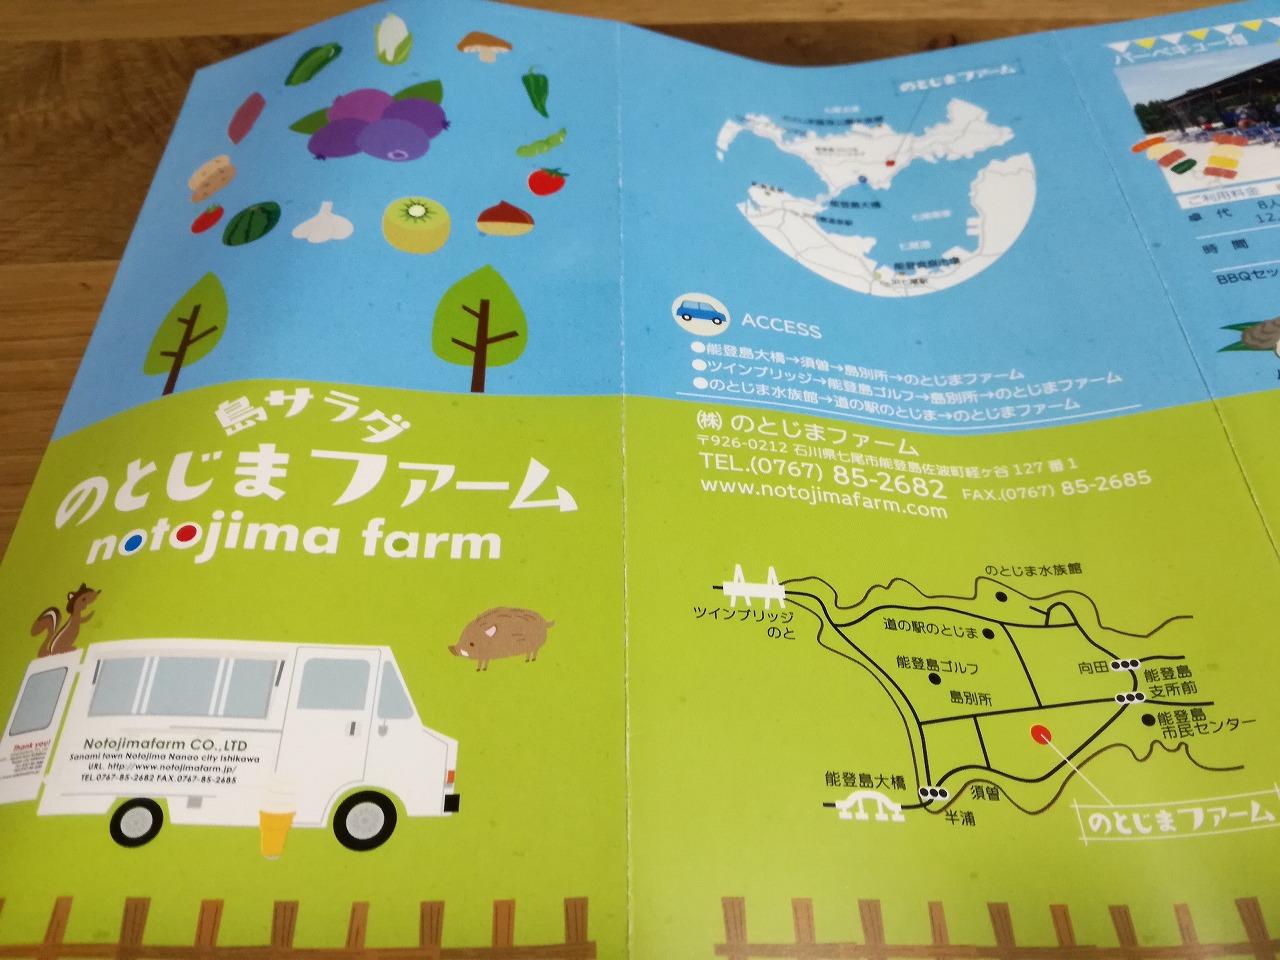 能登島ののとじまファームのパンフレット